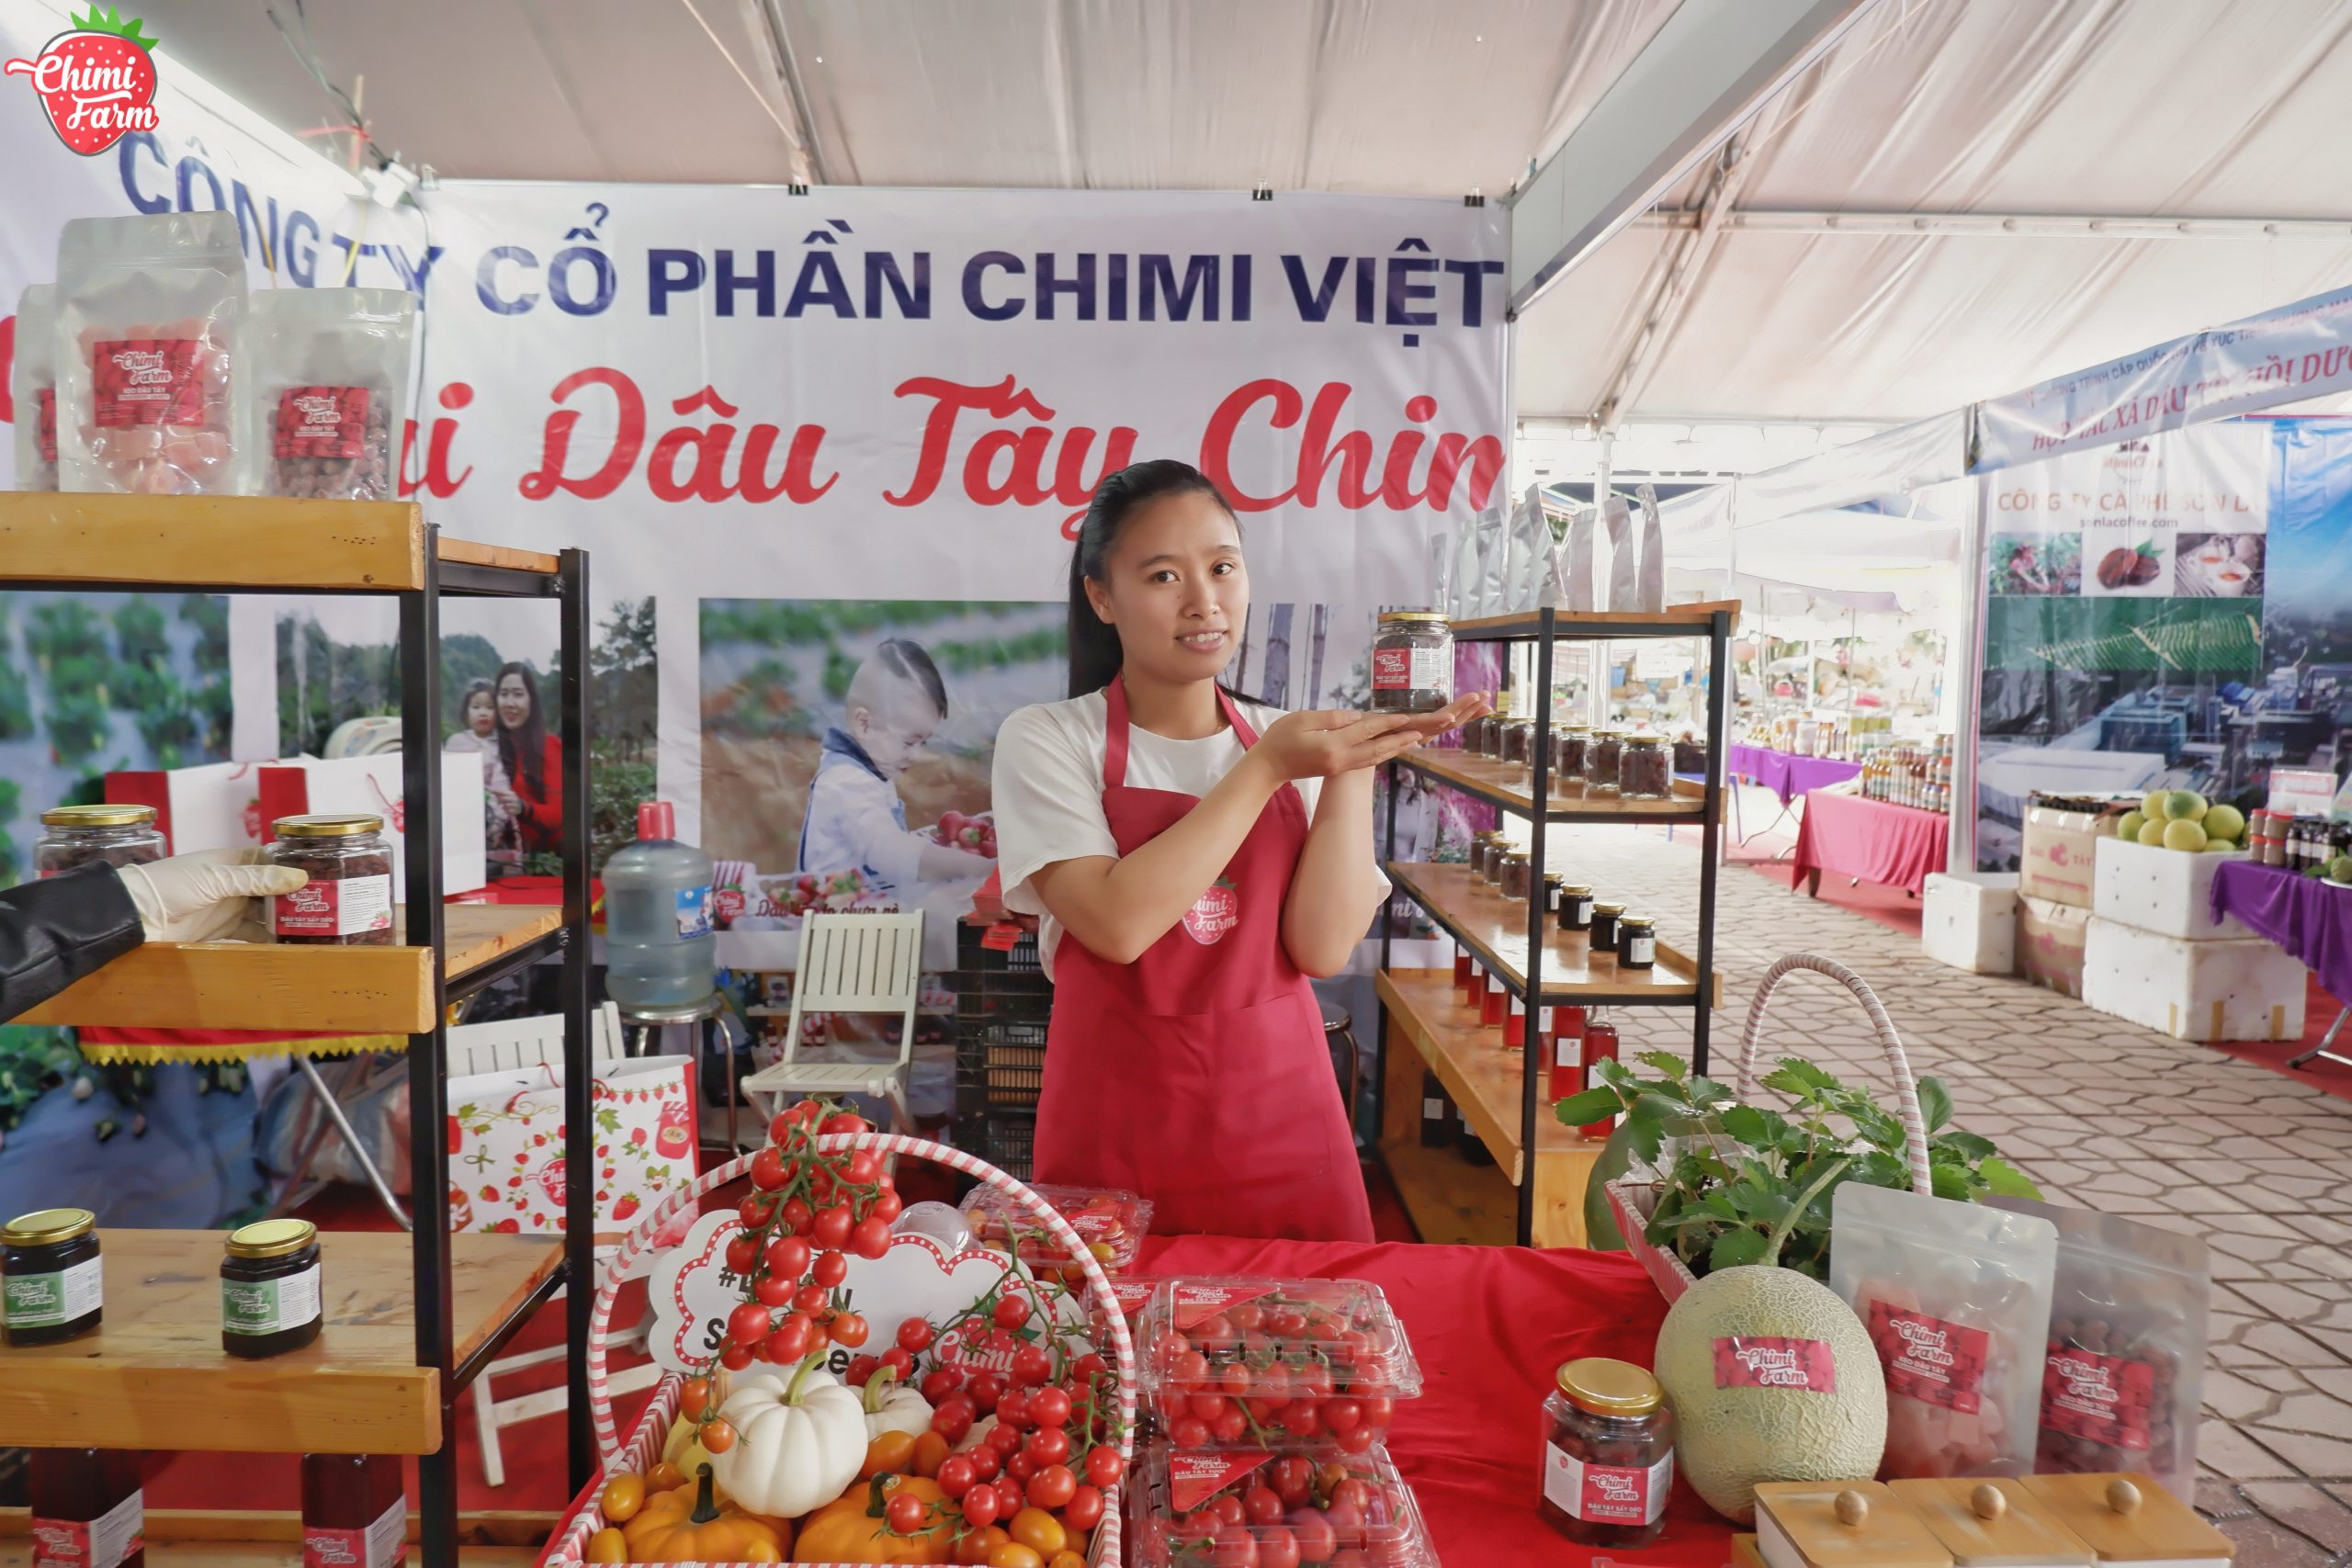 Chimi Farm tham gia Hội chợ nông sản Tây Bắc